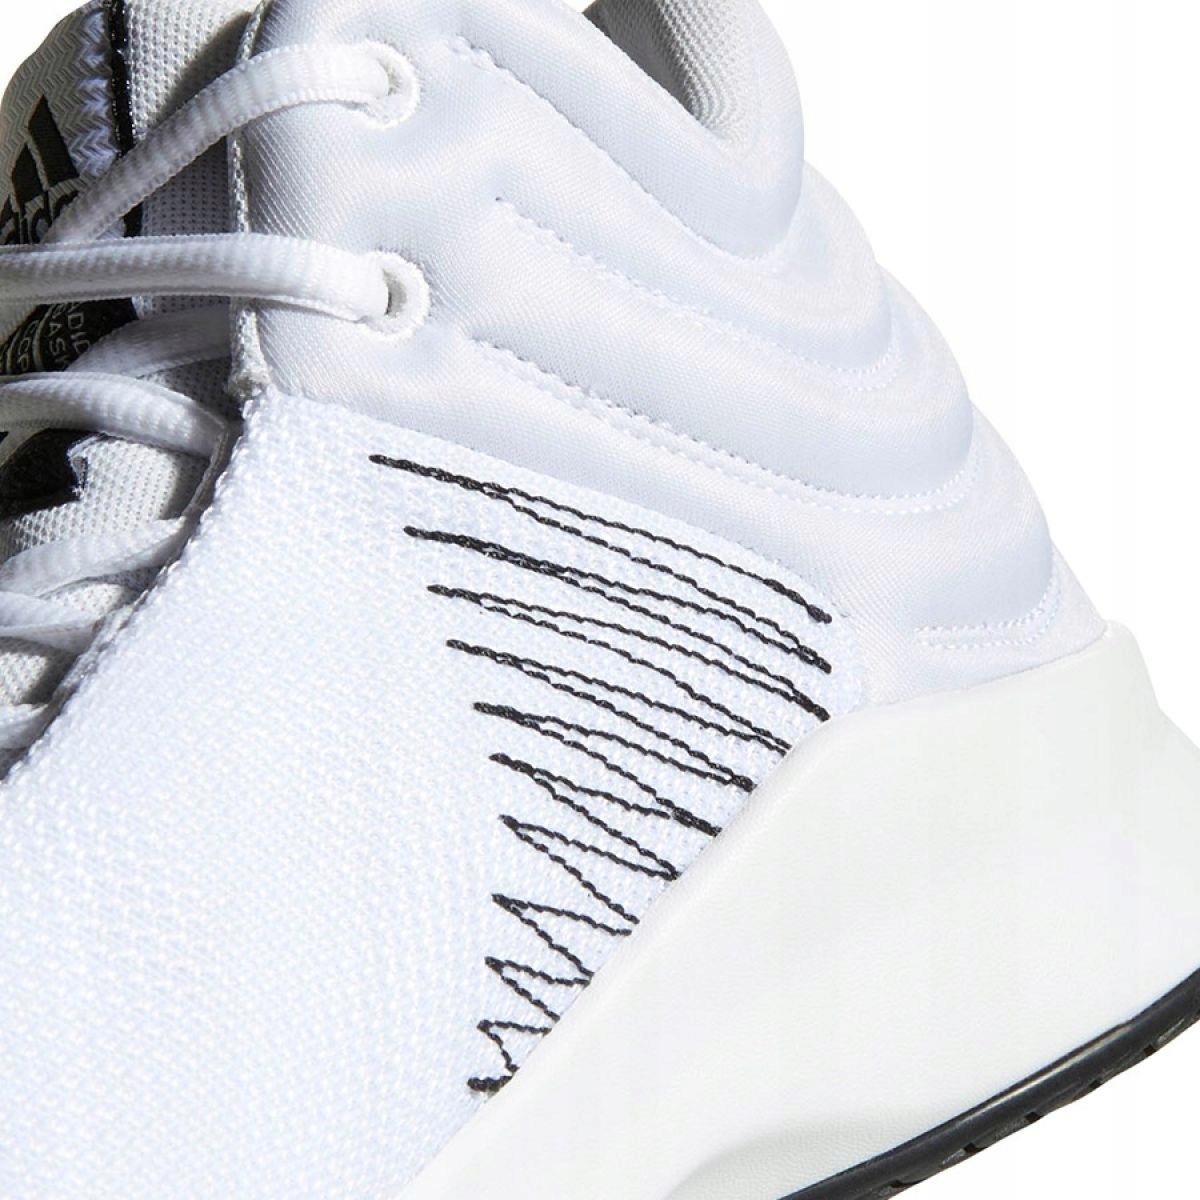 Buty koszykarskie adidas Pro Sprak 2018 M B449 48